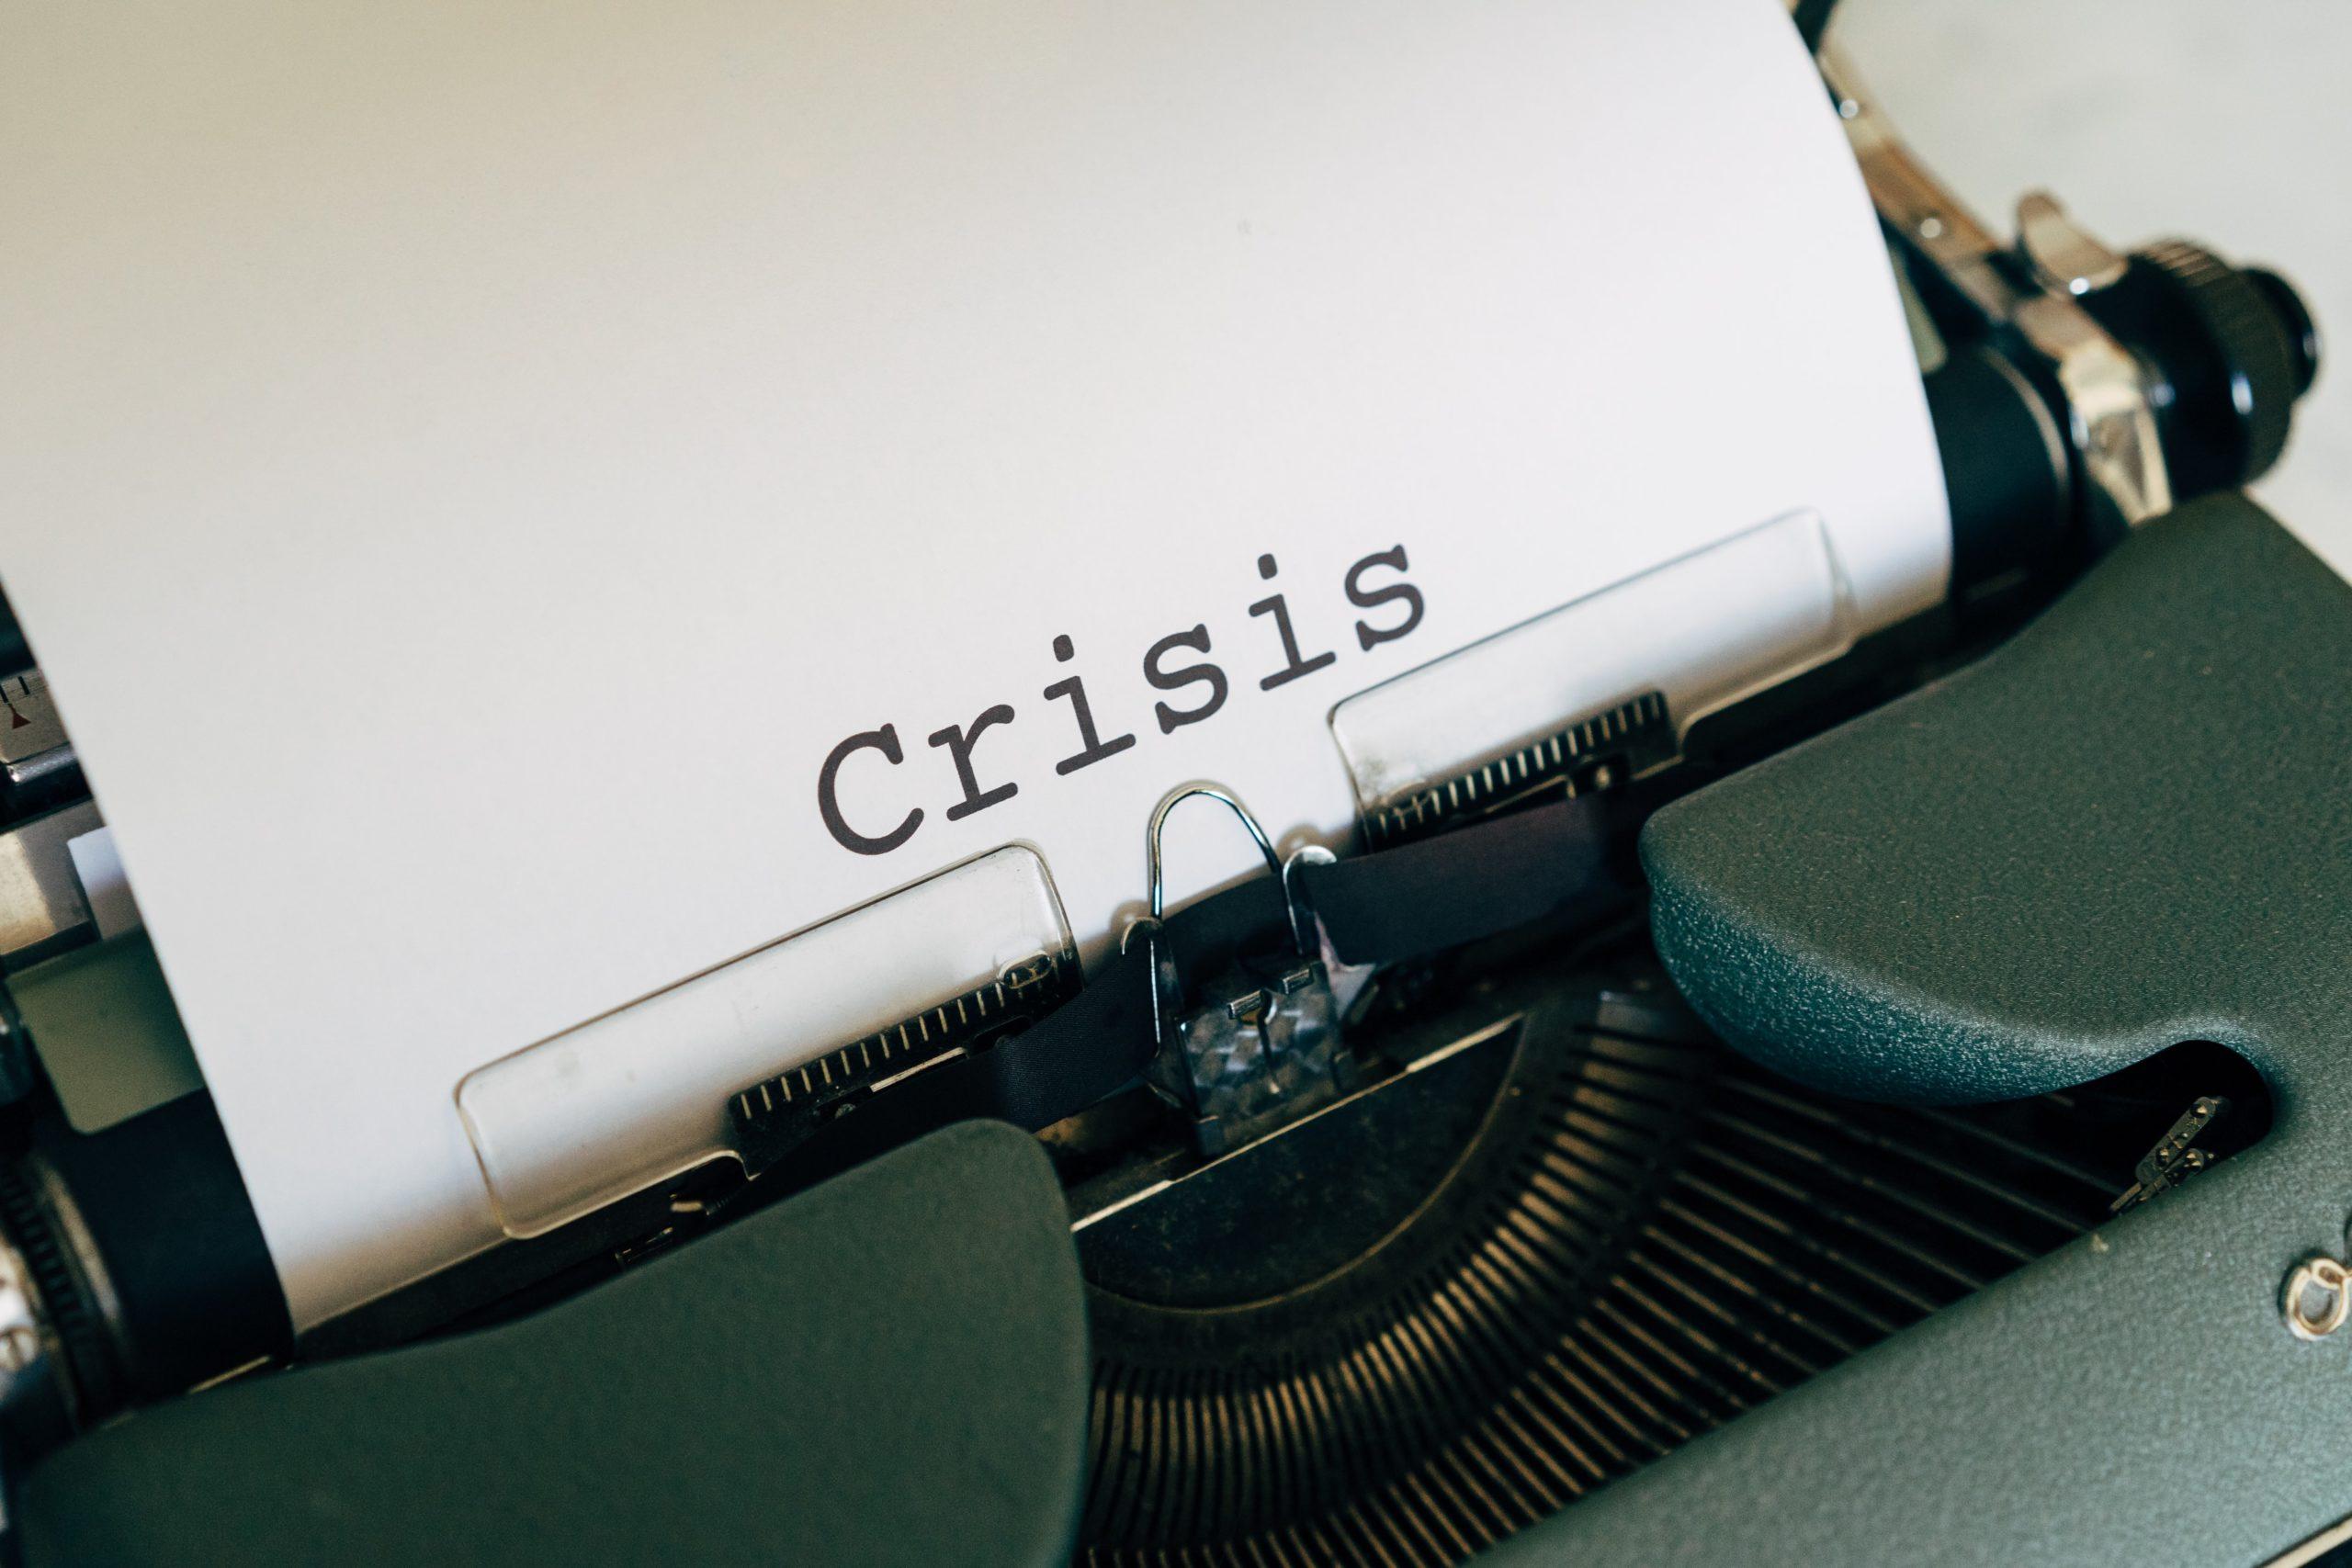 Liquiditätsplanung bekommt in der Krise einen neuen Stellenwert